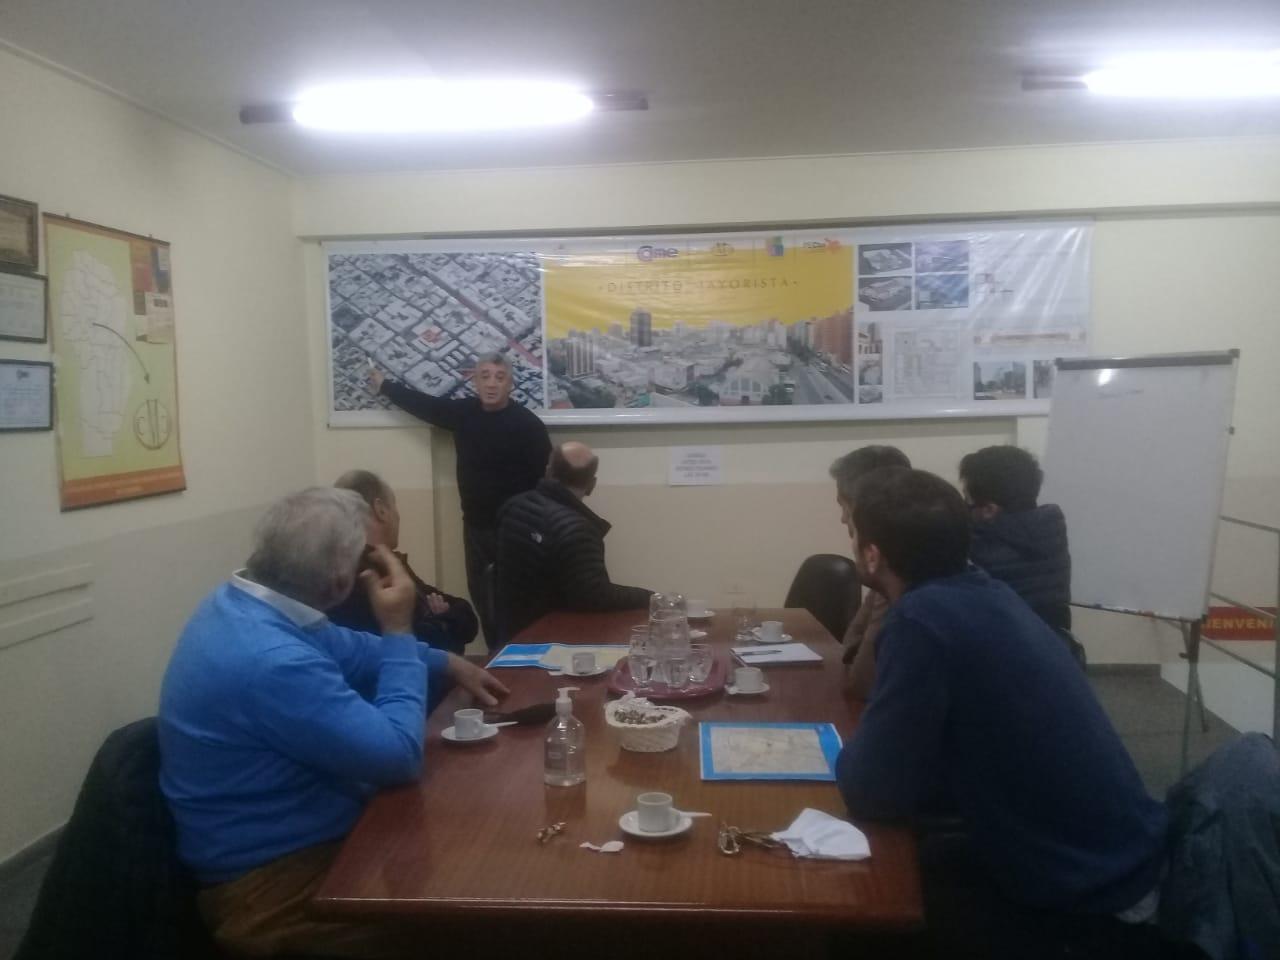 Reunión con el Subsecretario de Tránsito y Educación Vial de la Municipalidad de Córdoba